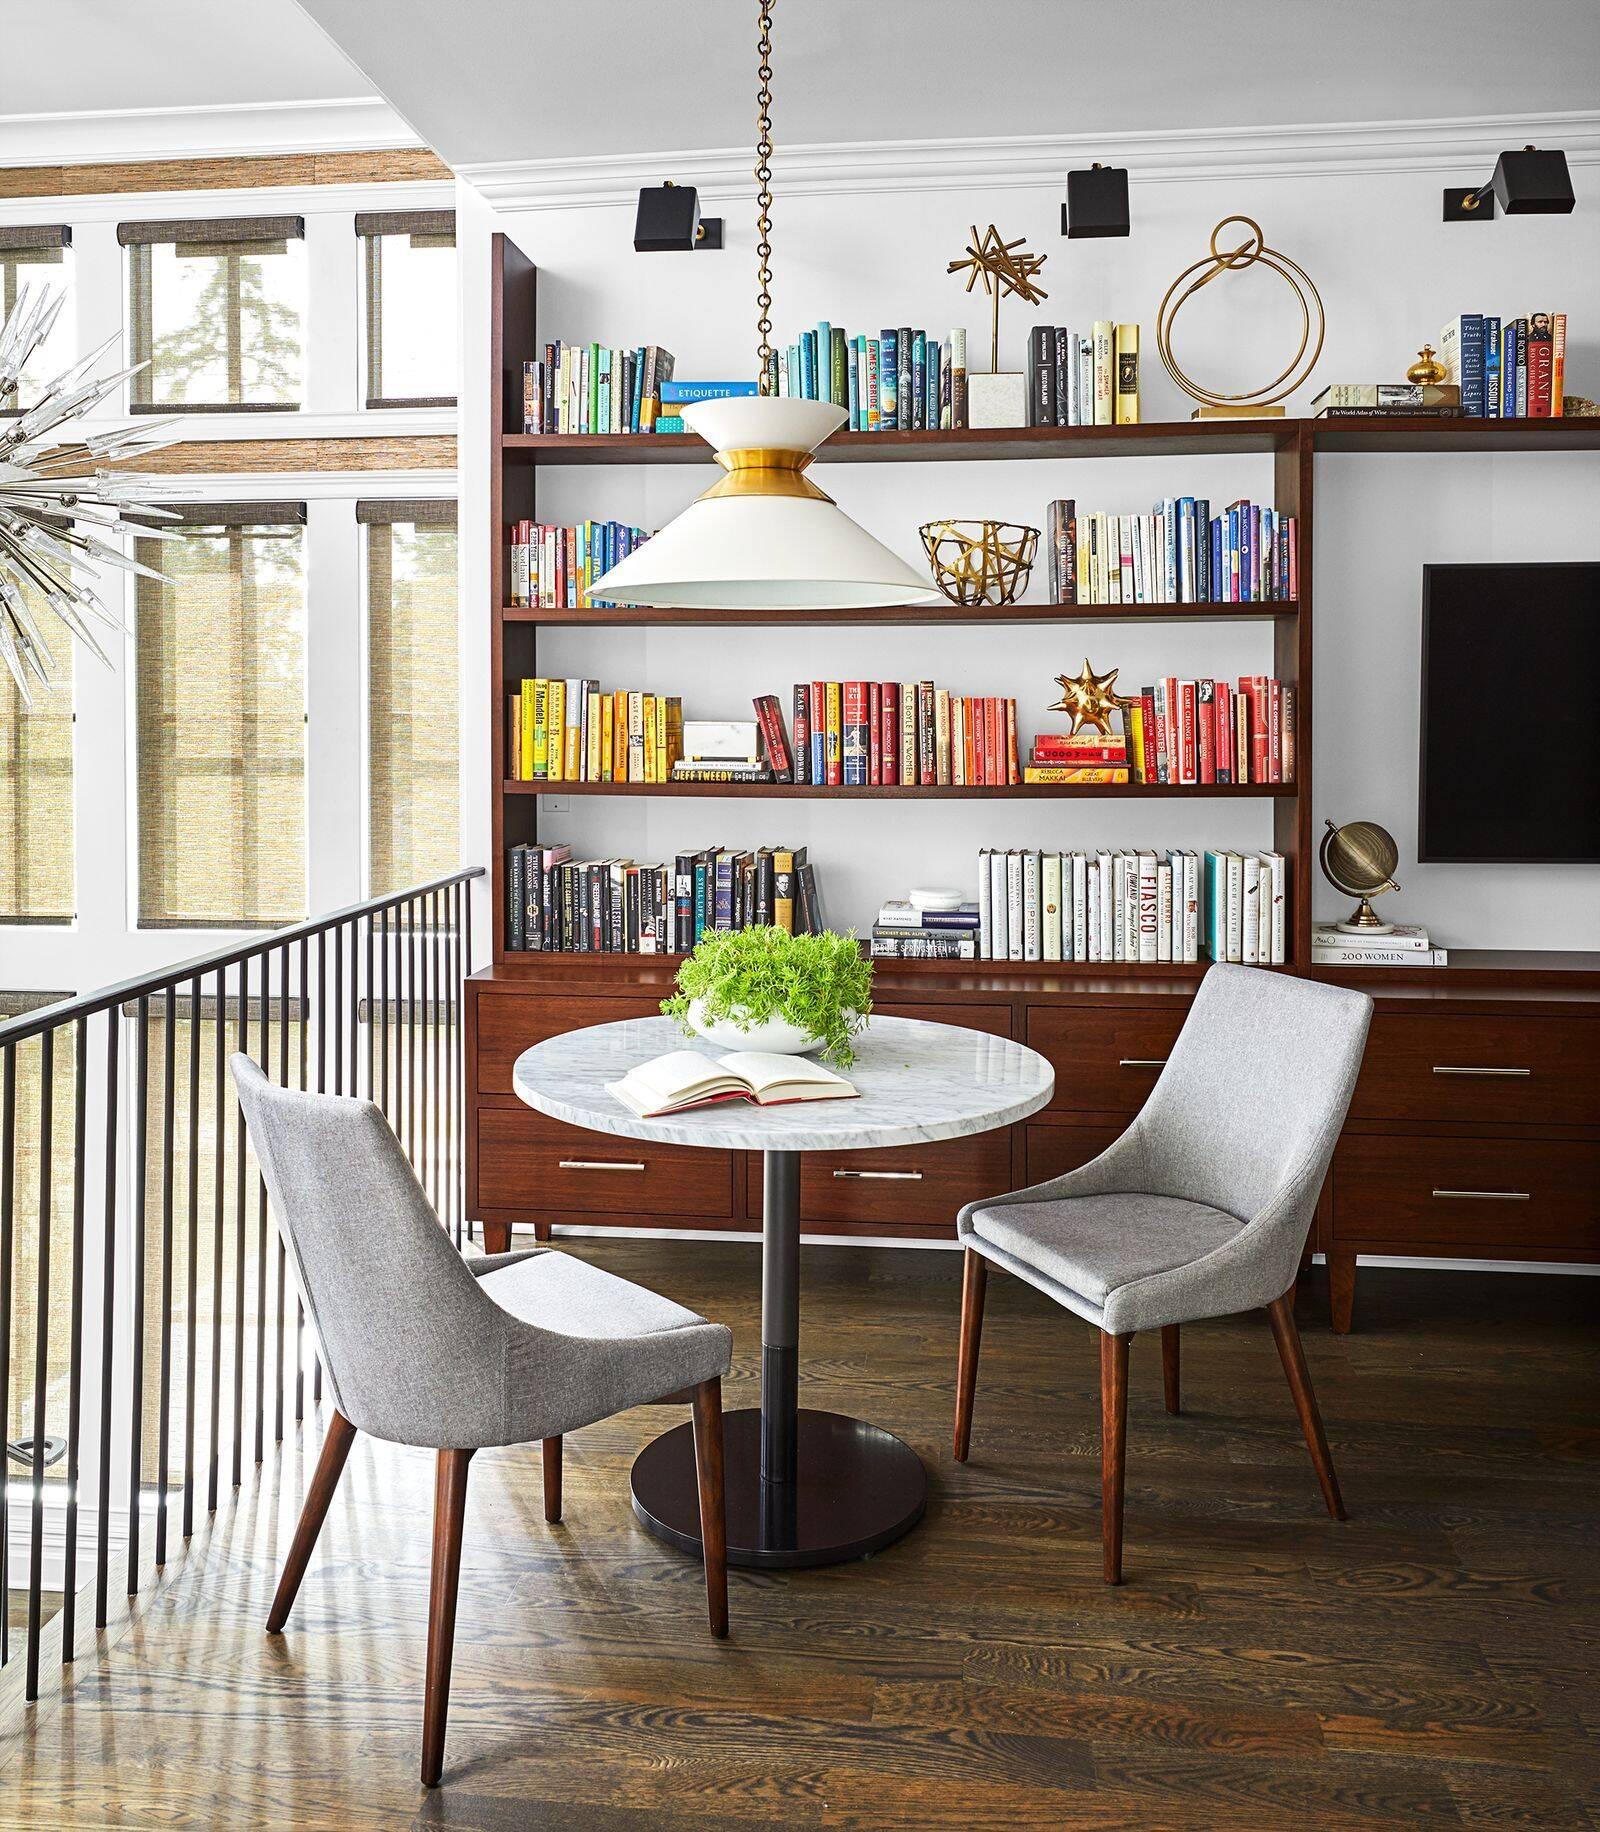 Home office pequeno: utilize o espaço perto das escadas